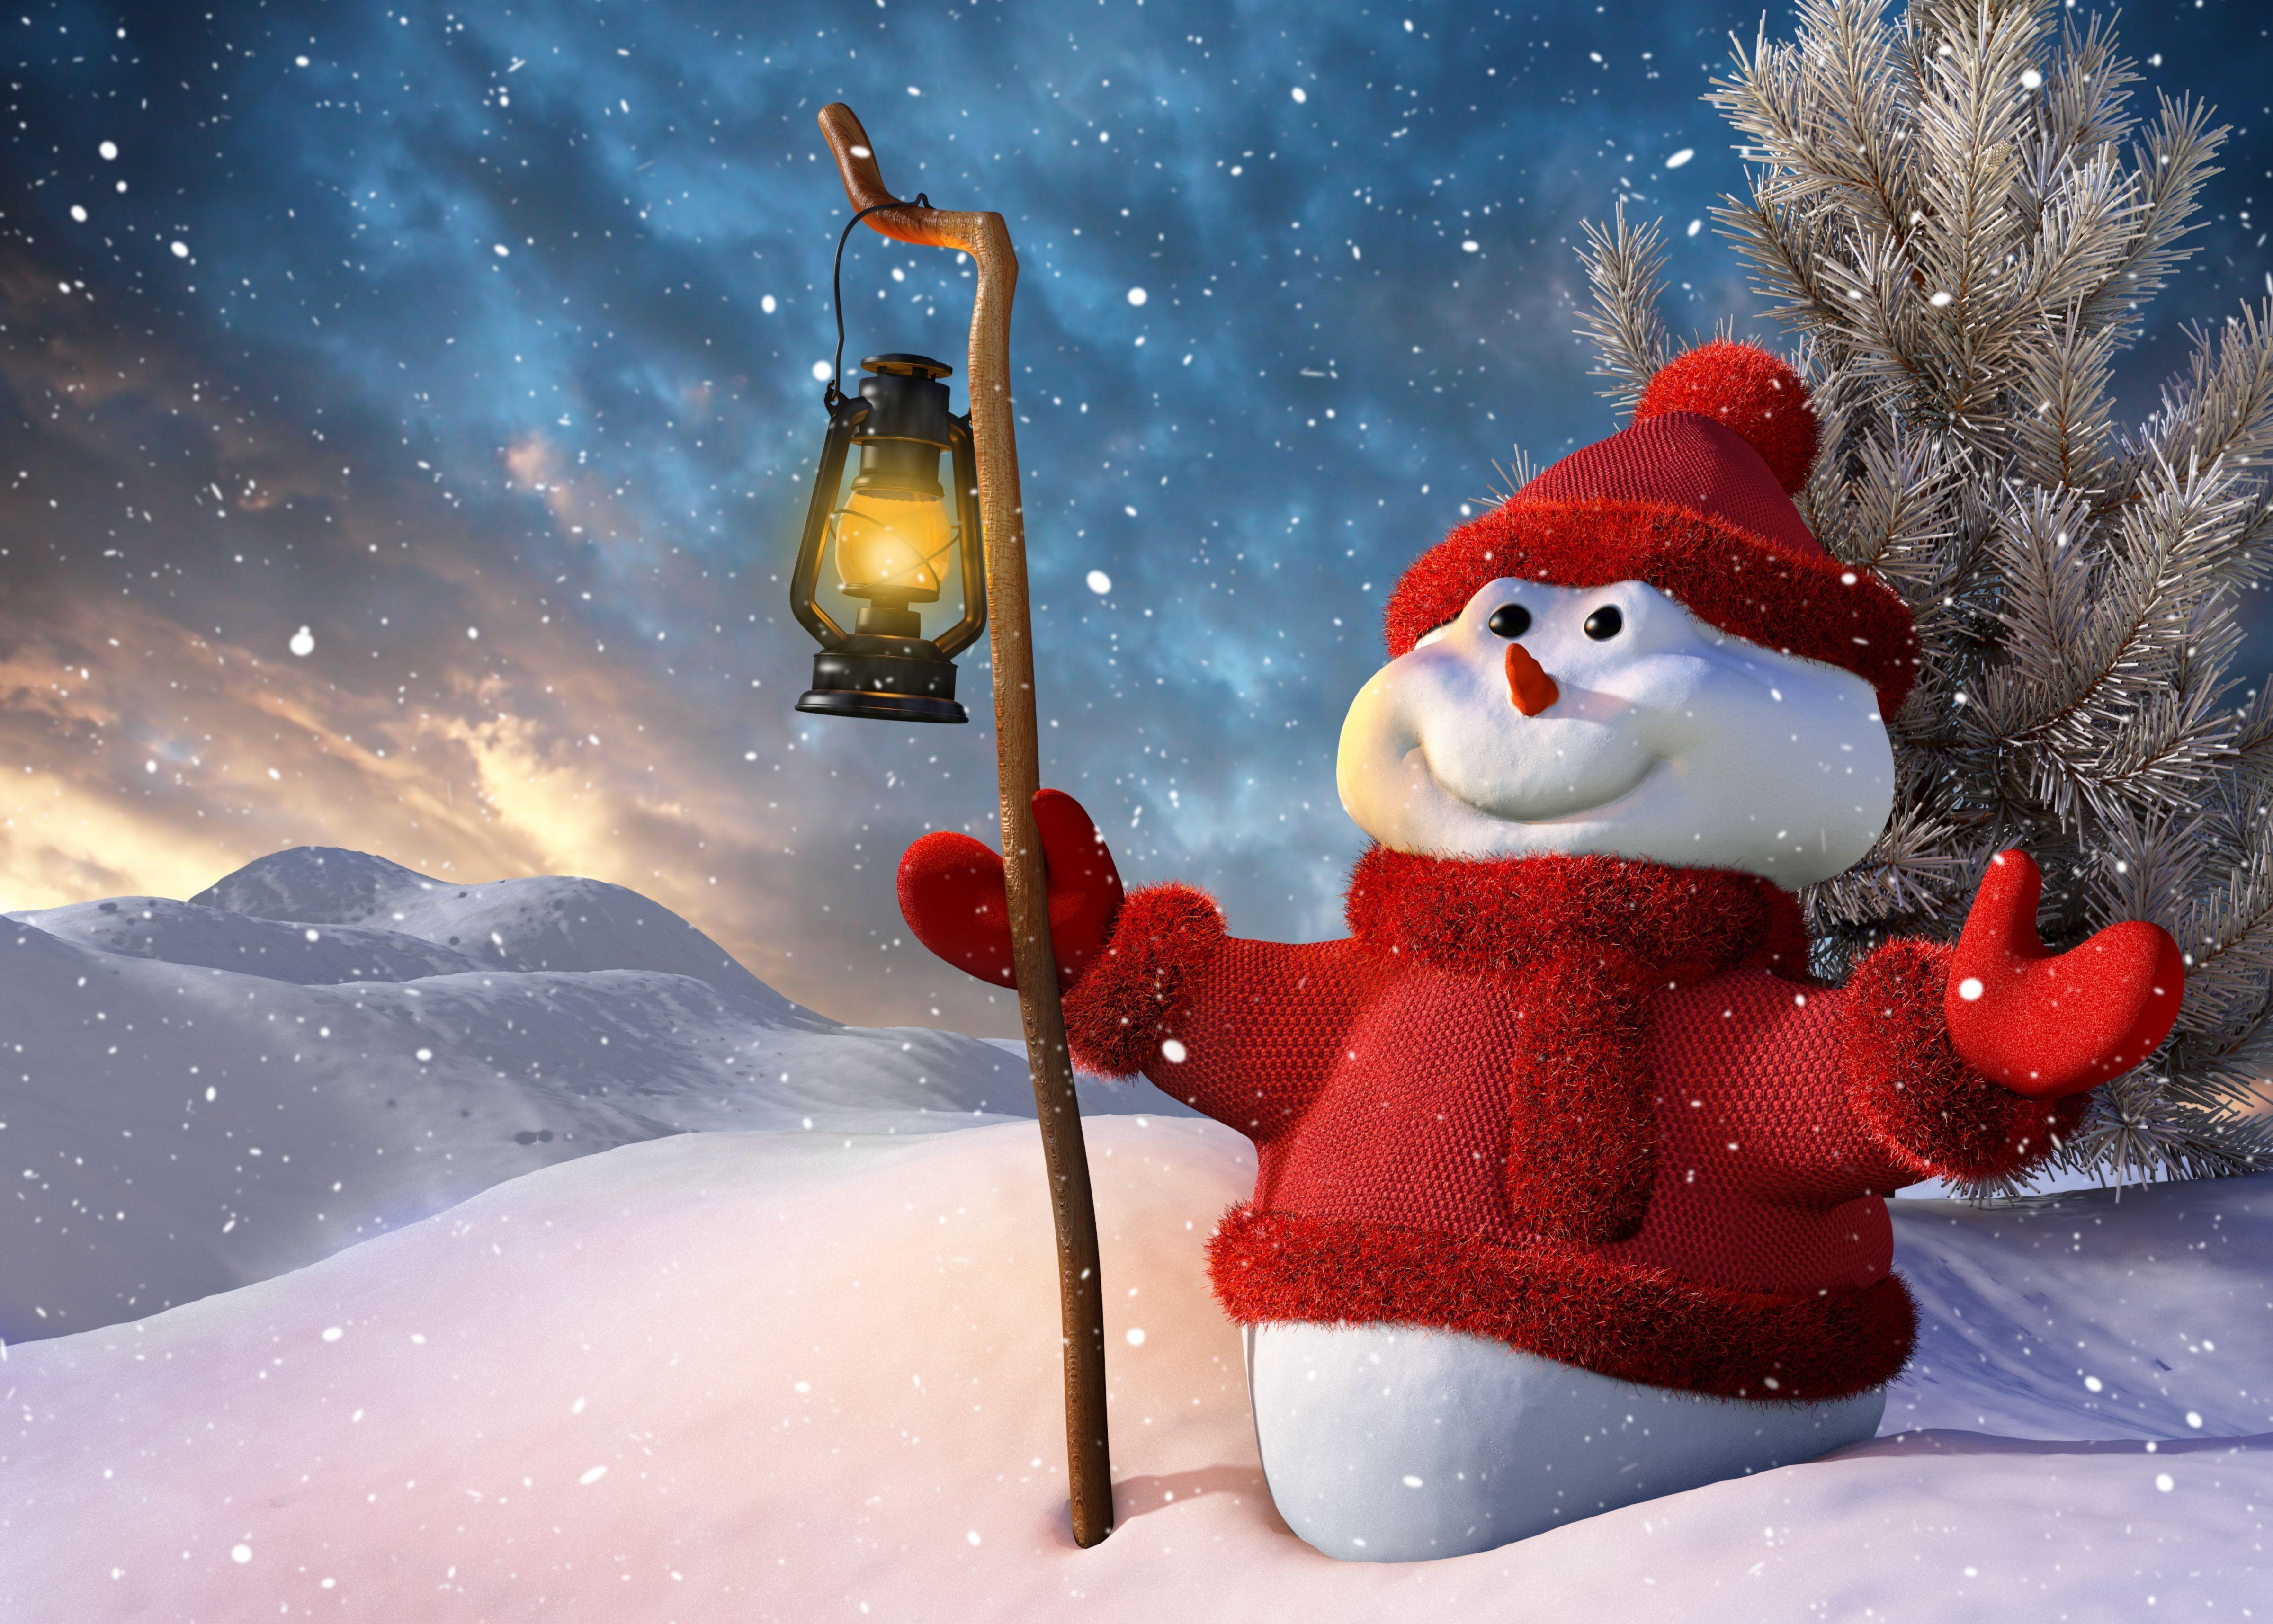 86186 Salvapantallas y fondos de pantalla Año Nuevo en tu teléfono. Descarga imágenes de Vacaciones, Año Nuevo, Navidad, Monigote De Nieve, Muñeco De Nieve, Lámpara, Linterna, Árbol De Navidad, Nieve, Sonrisa, Sonreír gratis